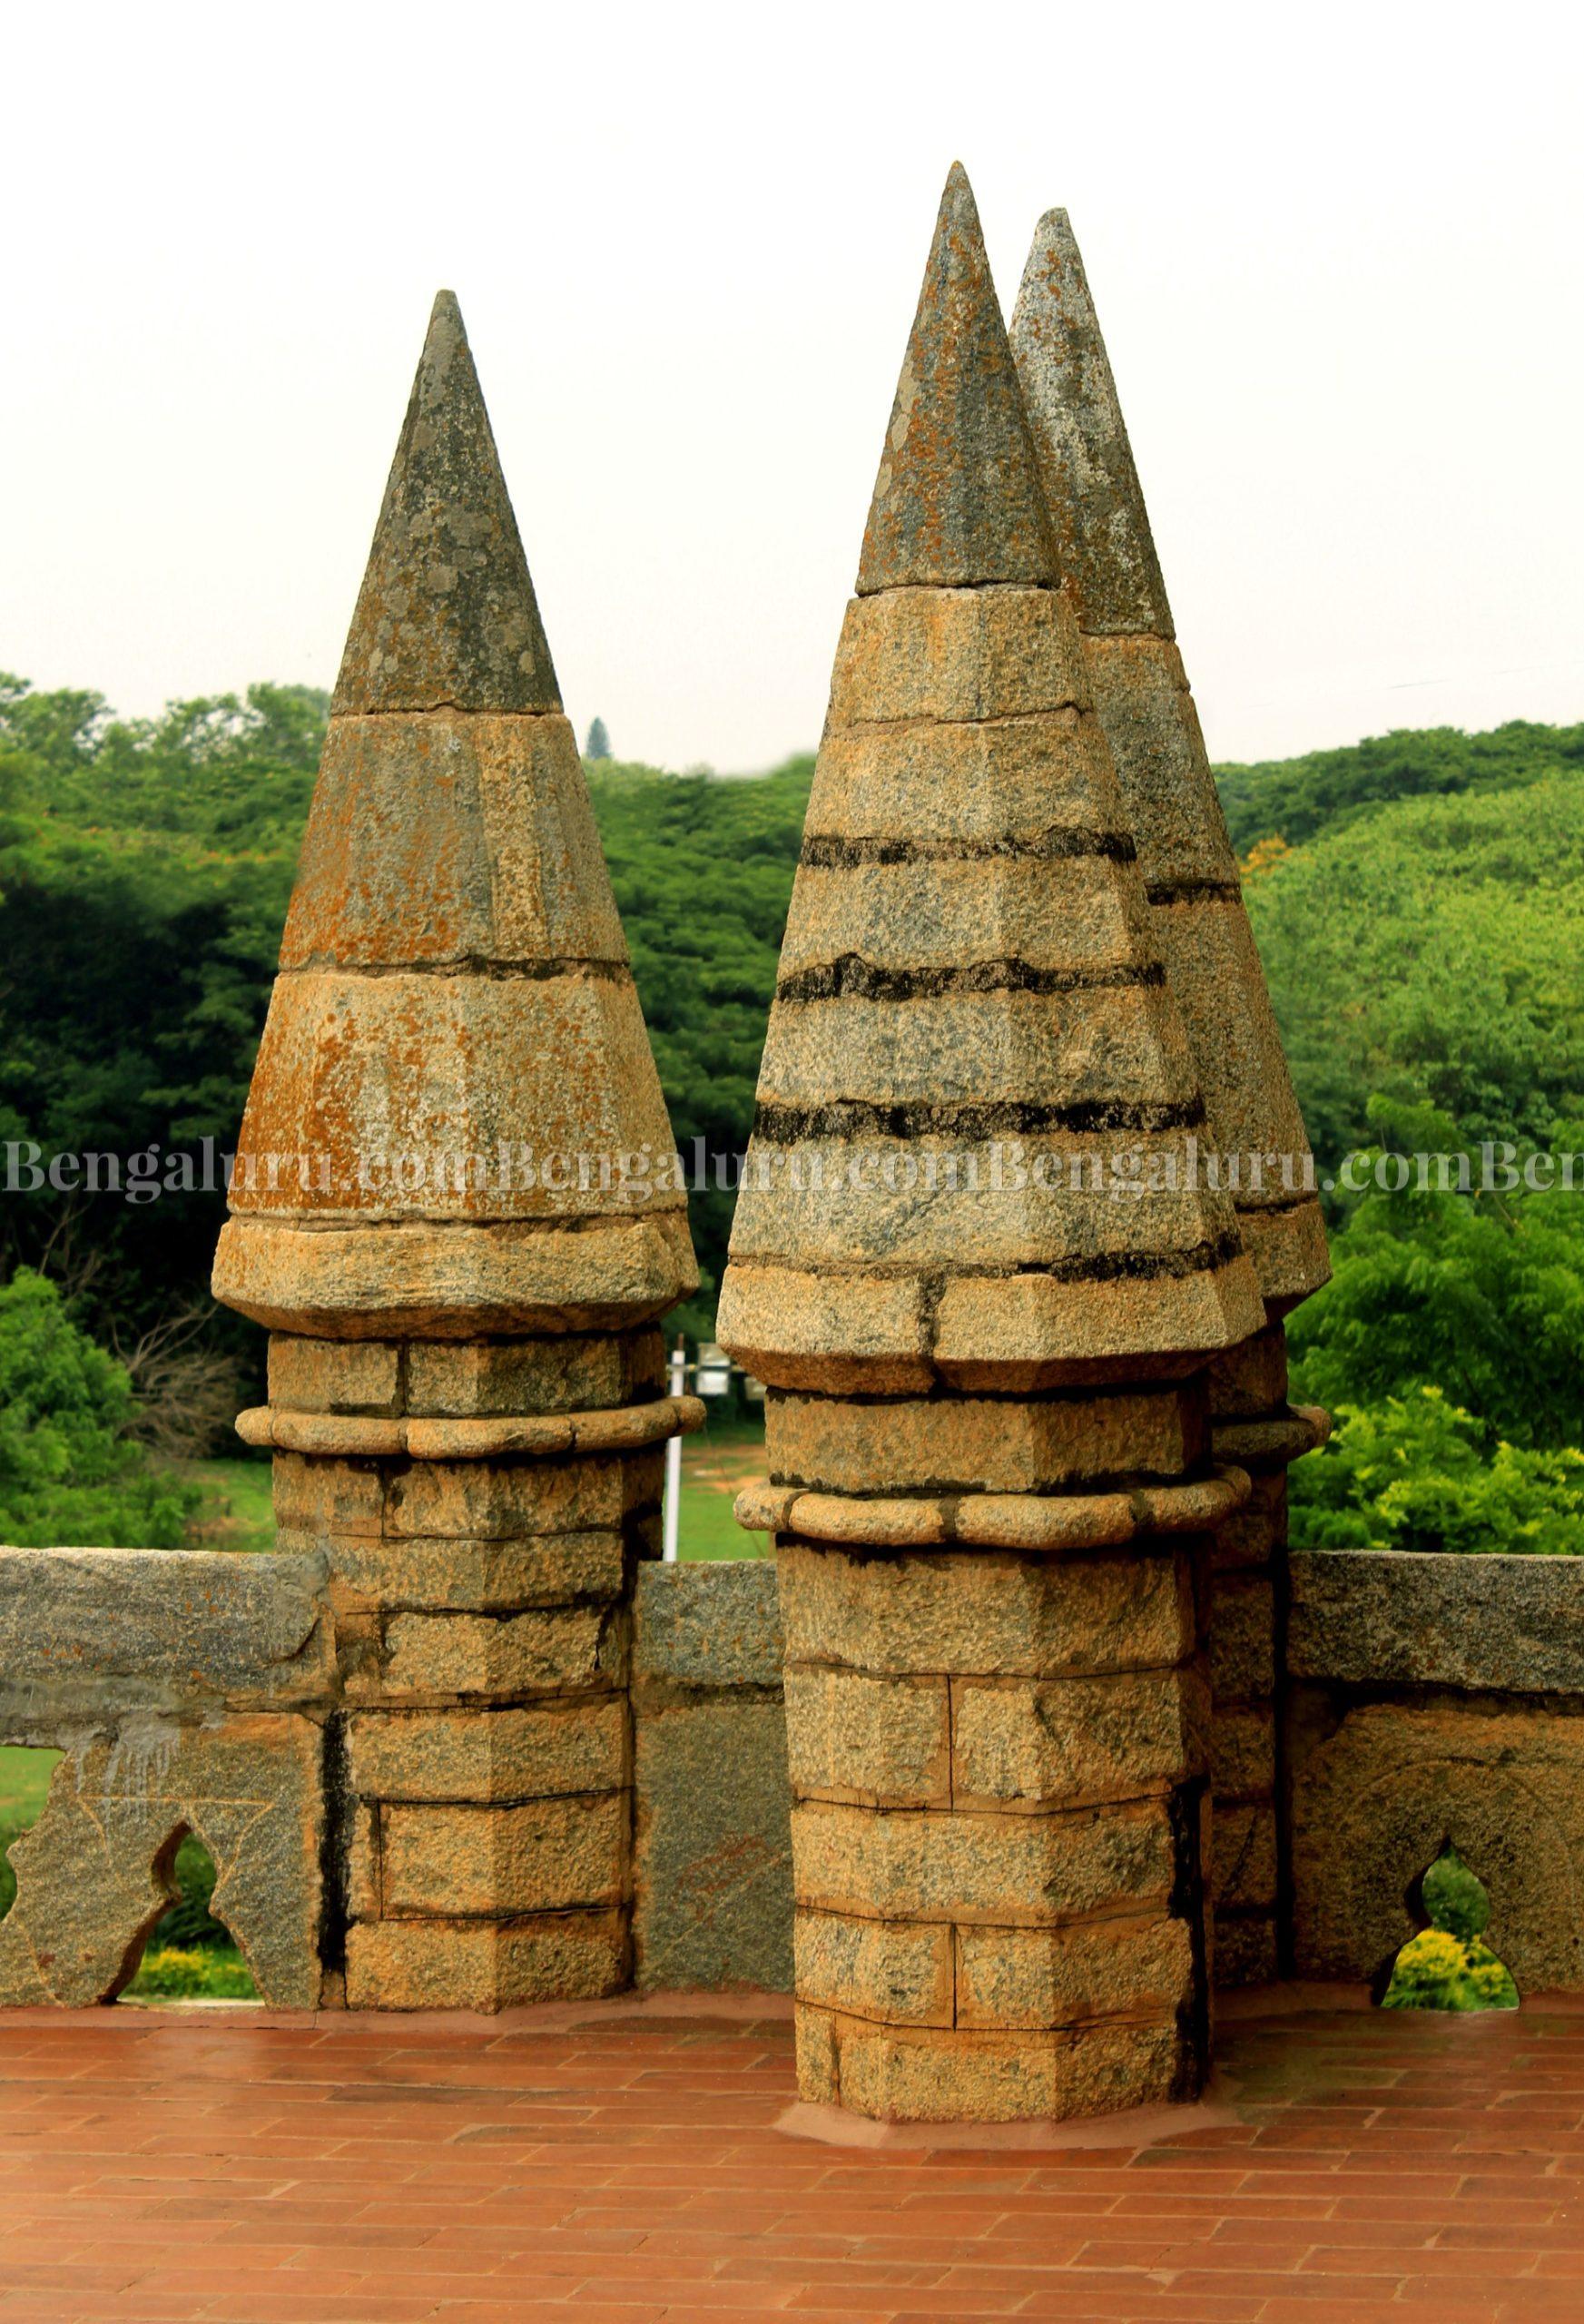 Bengaluru Palace - Geometric Turrets